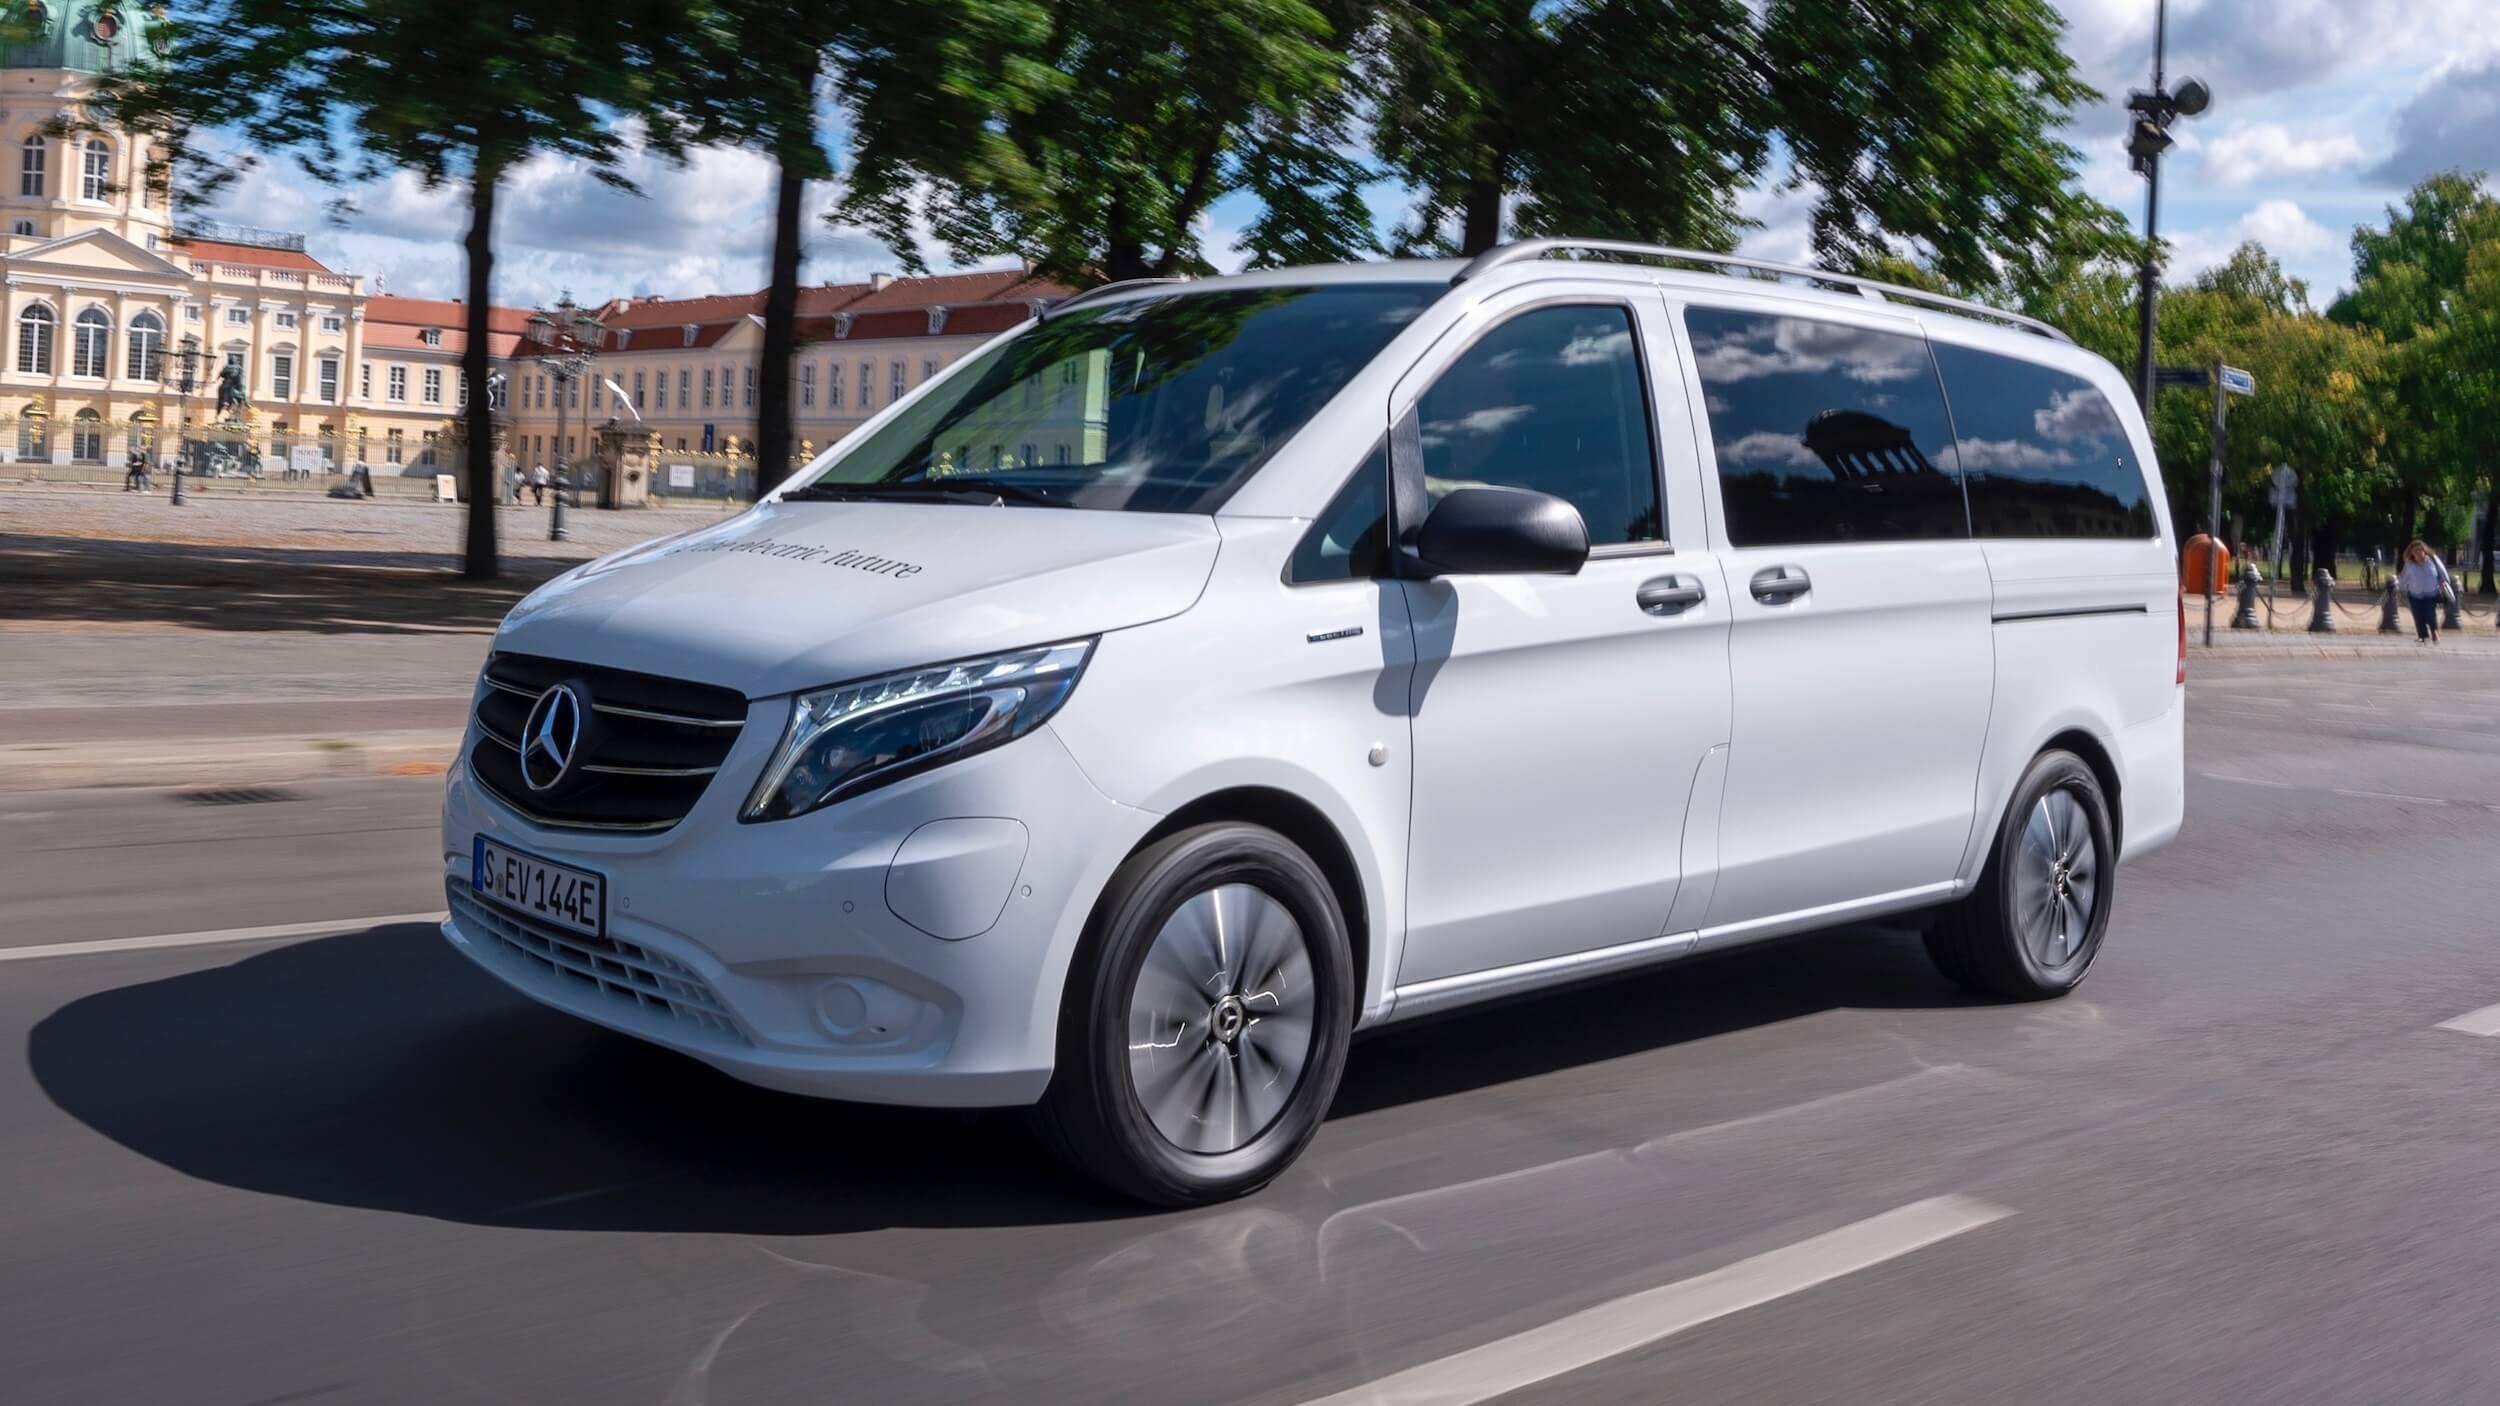 Mercedes eVito Tourer 90 kWh elektrische minibus